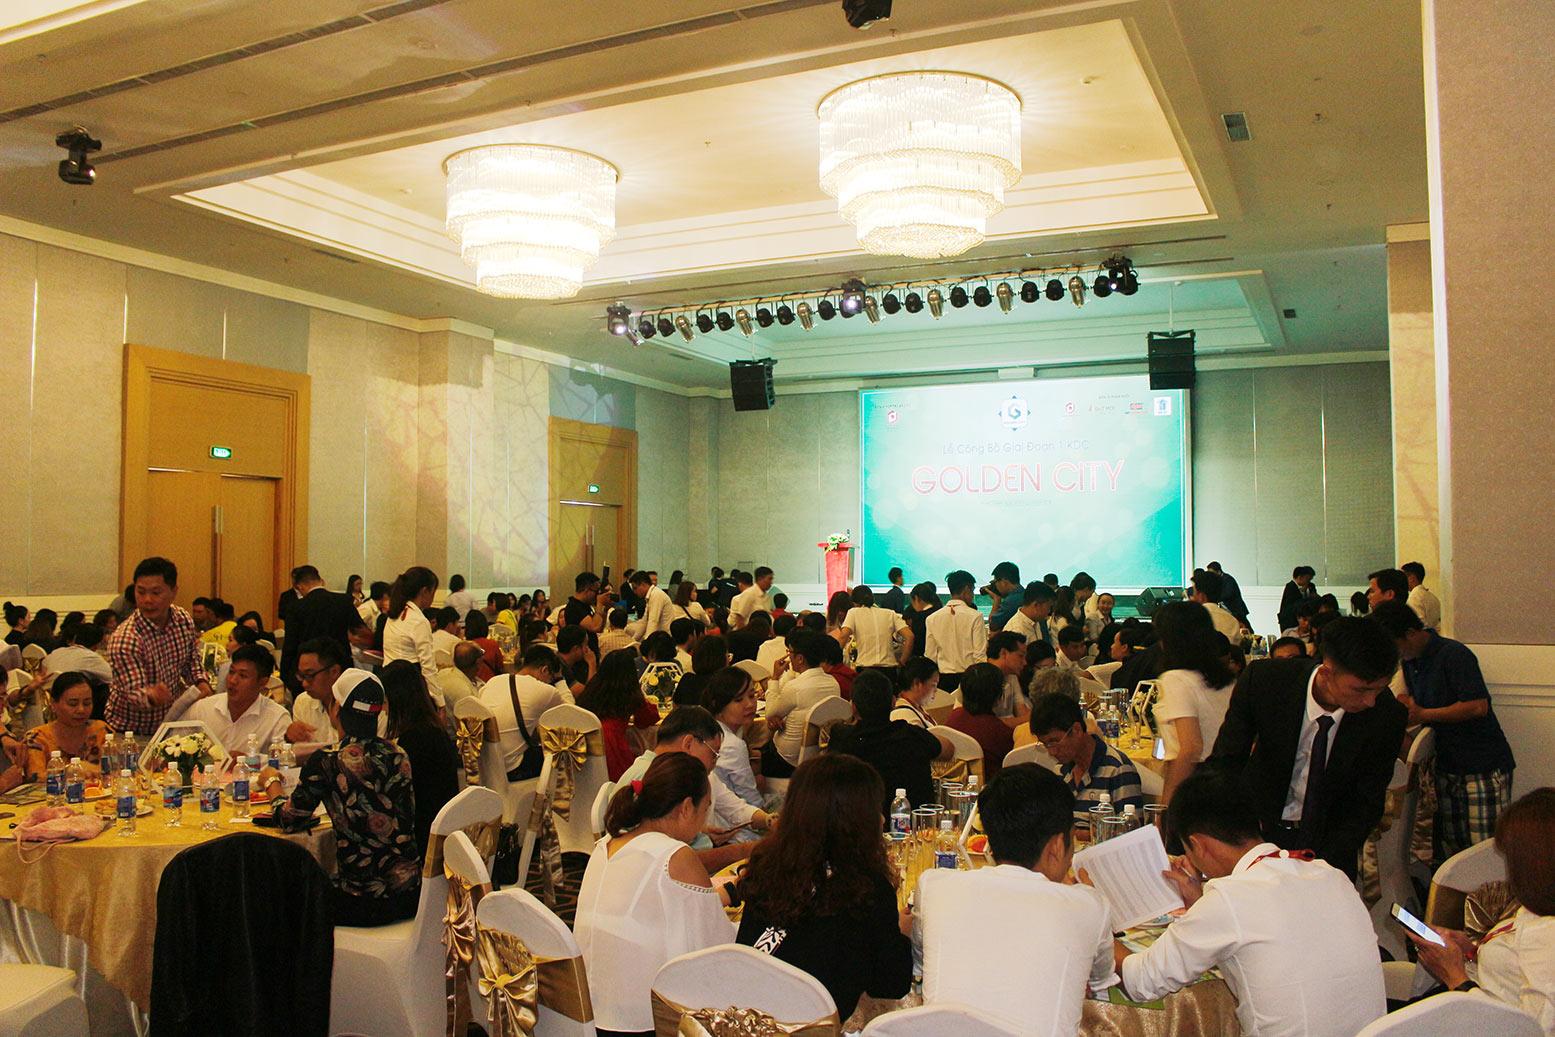 Hơn 90% giao dịch thành công tại buổi lễ công bố giai đoạn 1 KDC Golden City 15